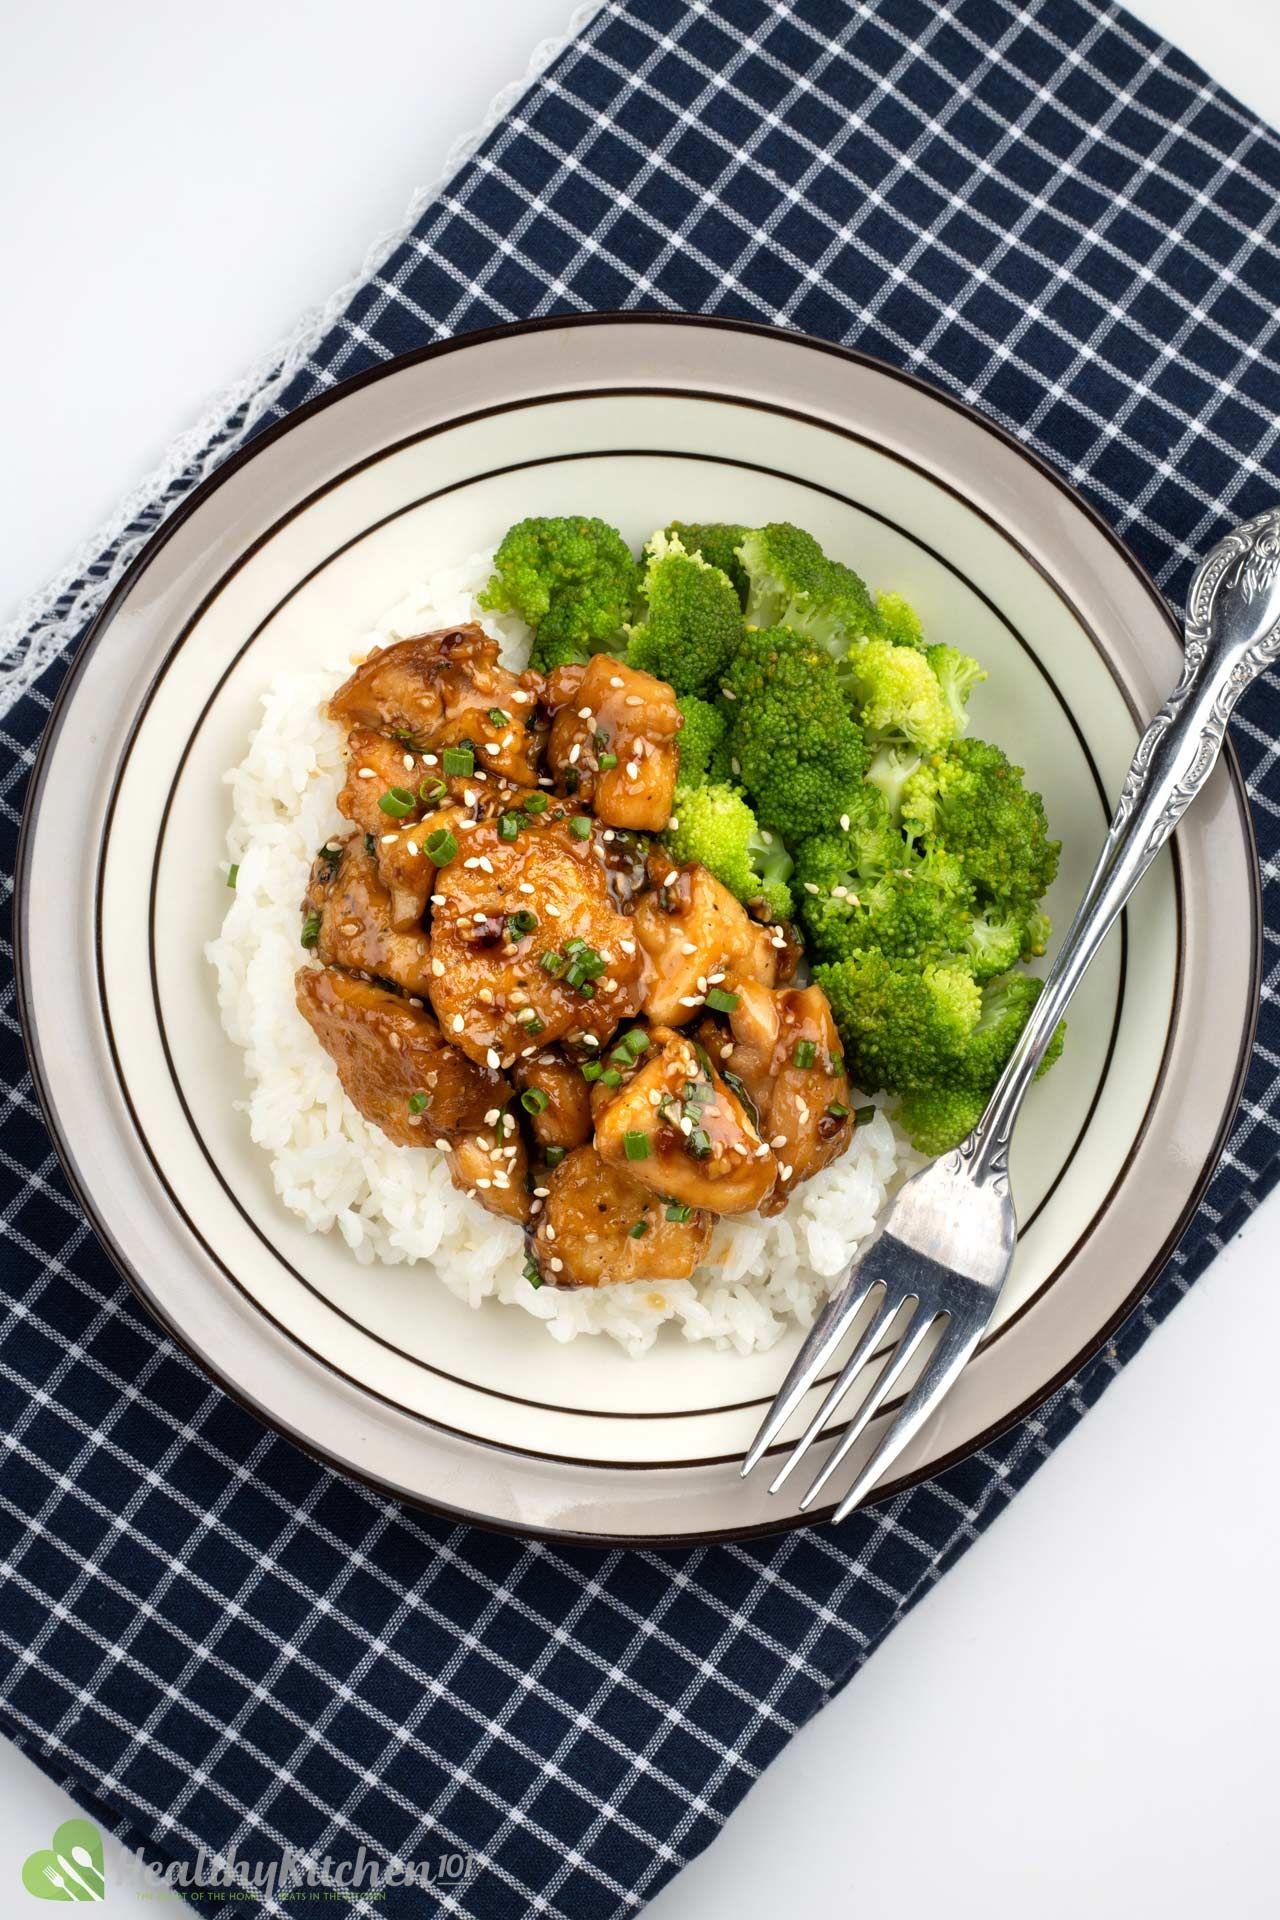 How To Make Honey Sesame Chicken Recipe